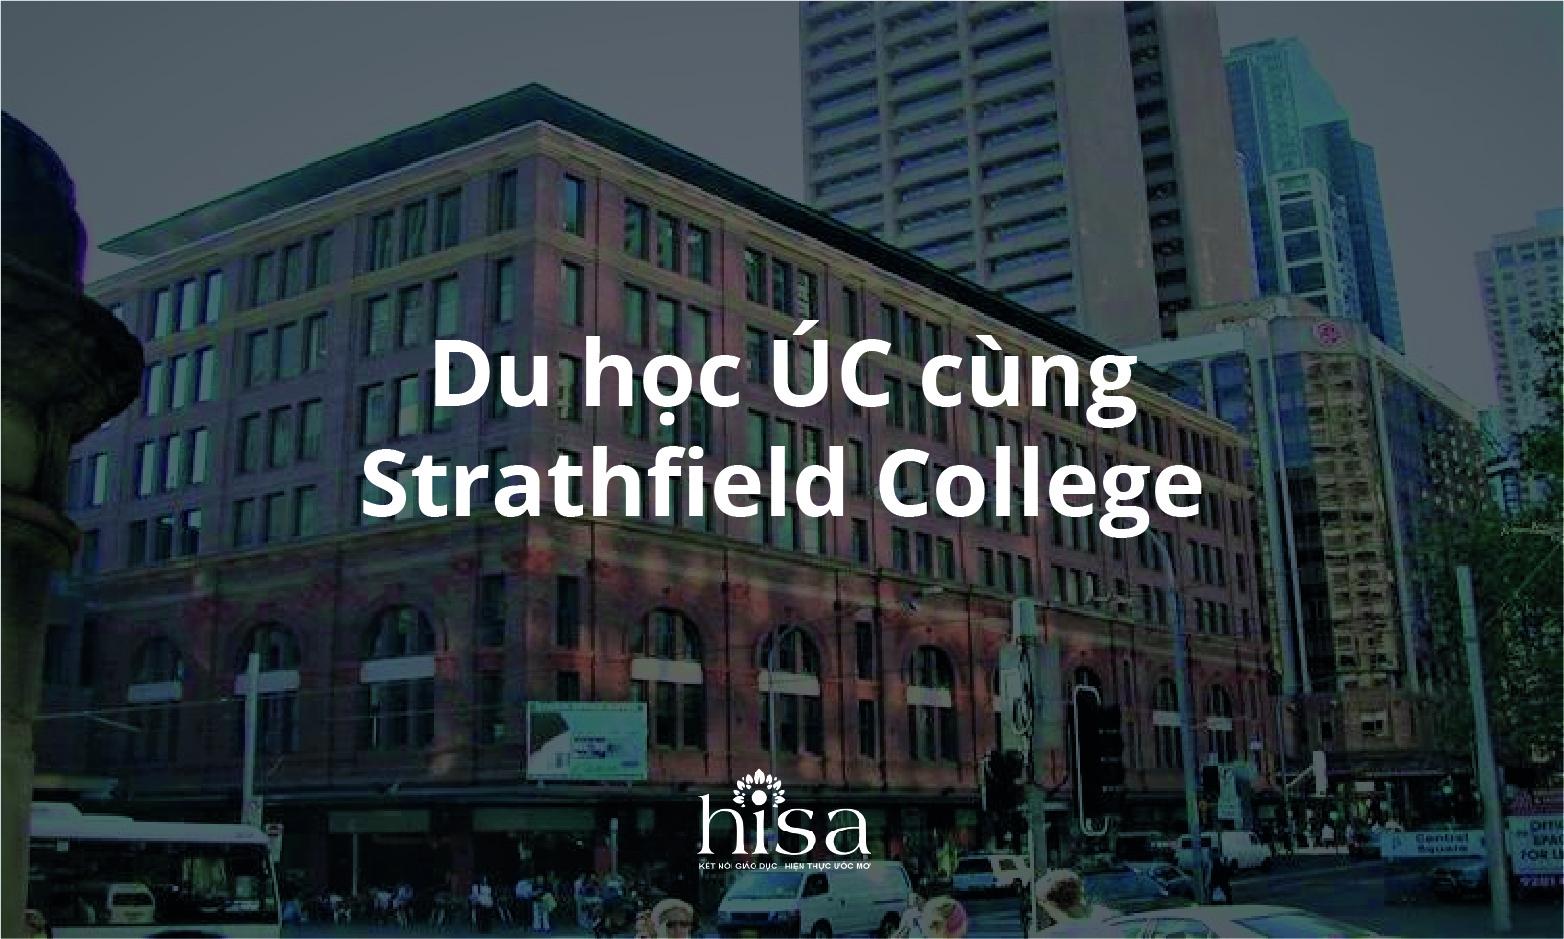 Du học úc cùng cao đẳng Strathfield College